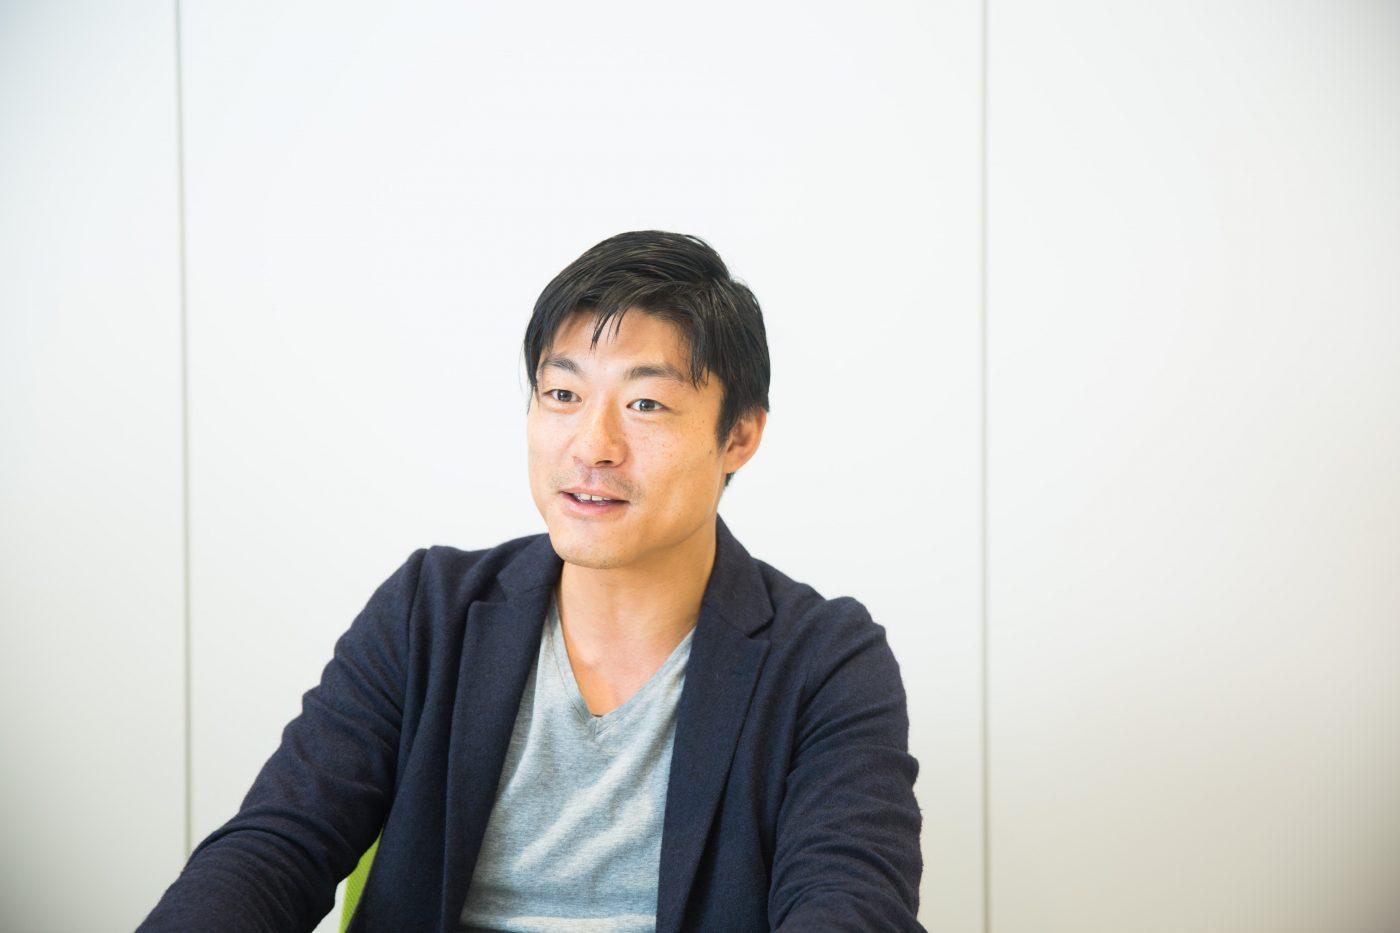 振り返ってみると、永田氏がはじめて起業を意識したのは高校時代。偏差値の高さと進学先の大学名を重視する進学校で、医者、大企業、官僚の道を歩むことが正しいと信じて疑わない同級生に囲まれた学生生活を過ごして上京。慶應義塾大学に進学した。